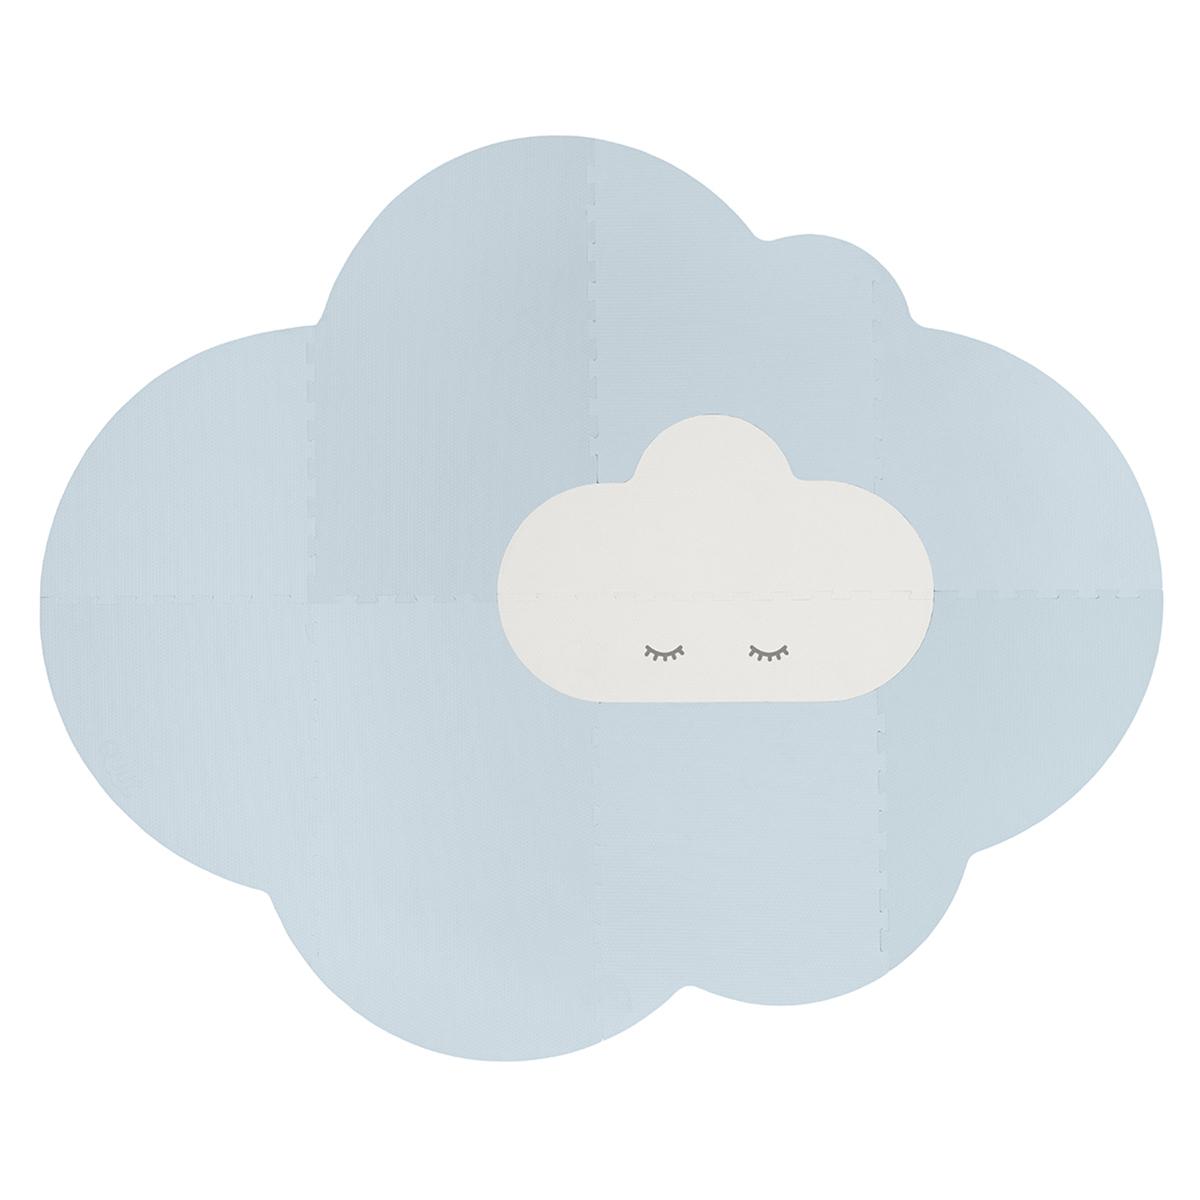 Tapis éveil Tapis Nuage Grand Modèle - Bleu Ciel Tapis Nuage Grand Modèle - Bleu Ciel